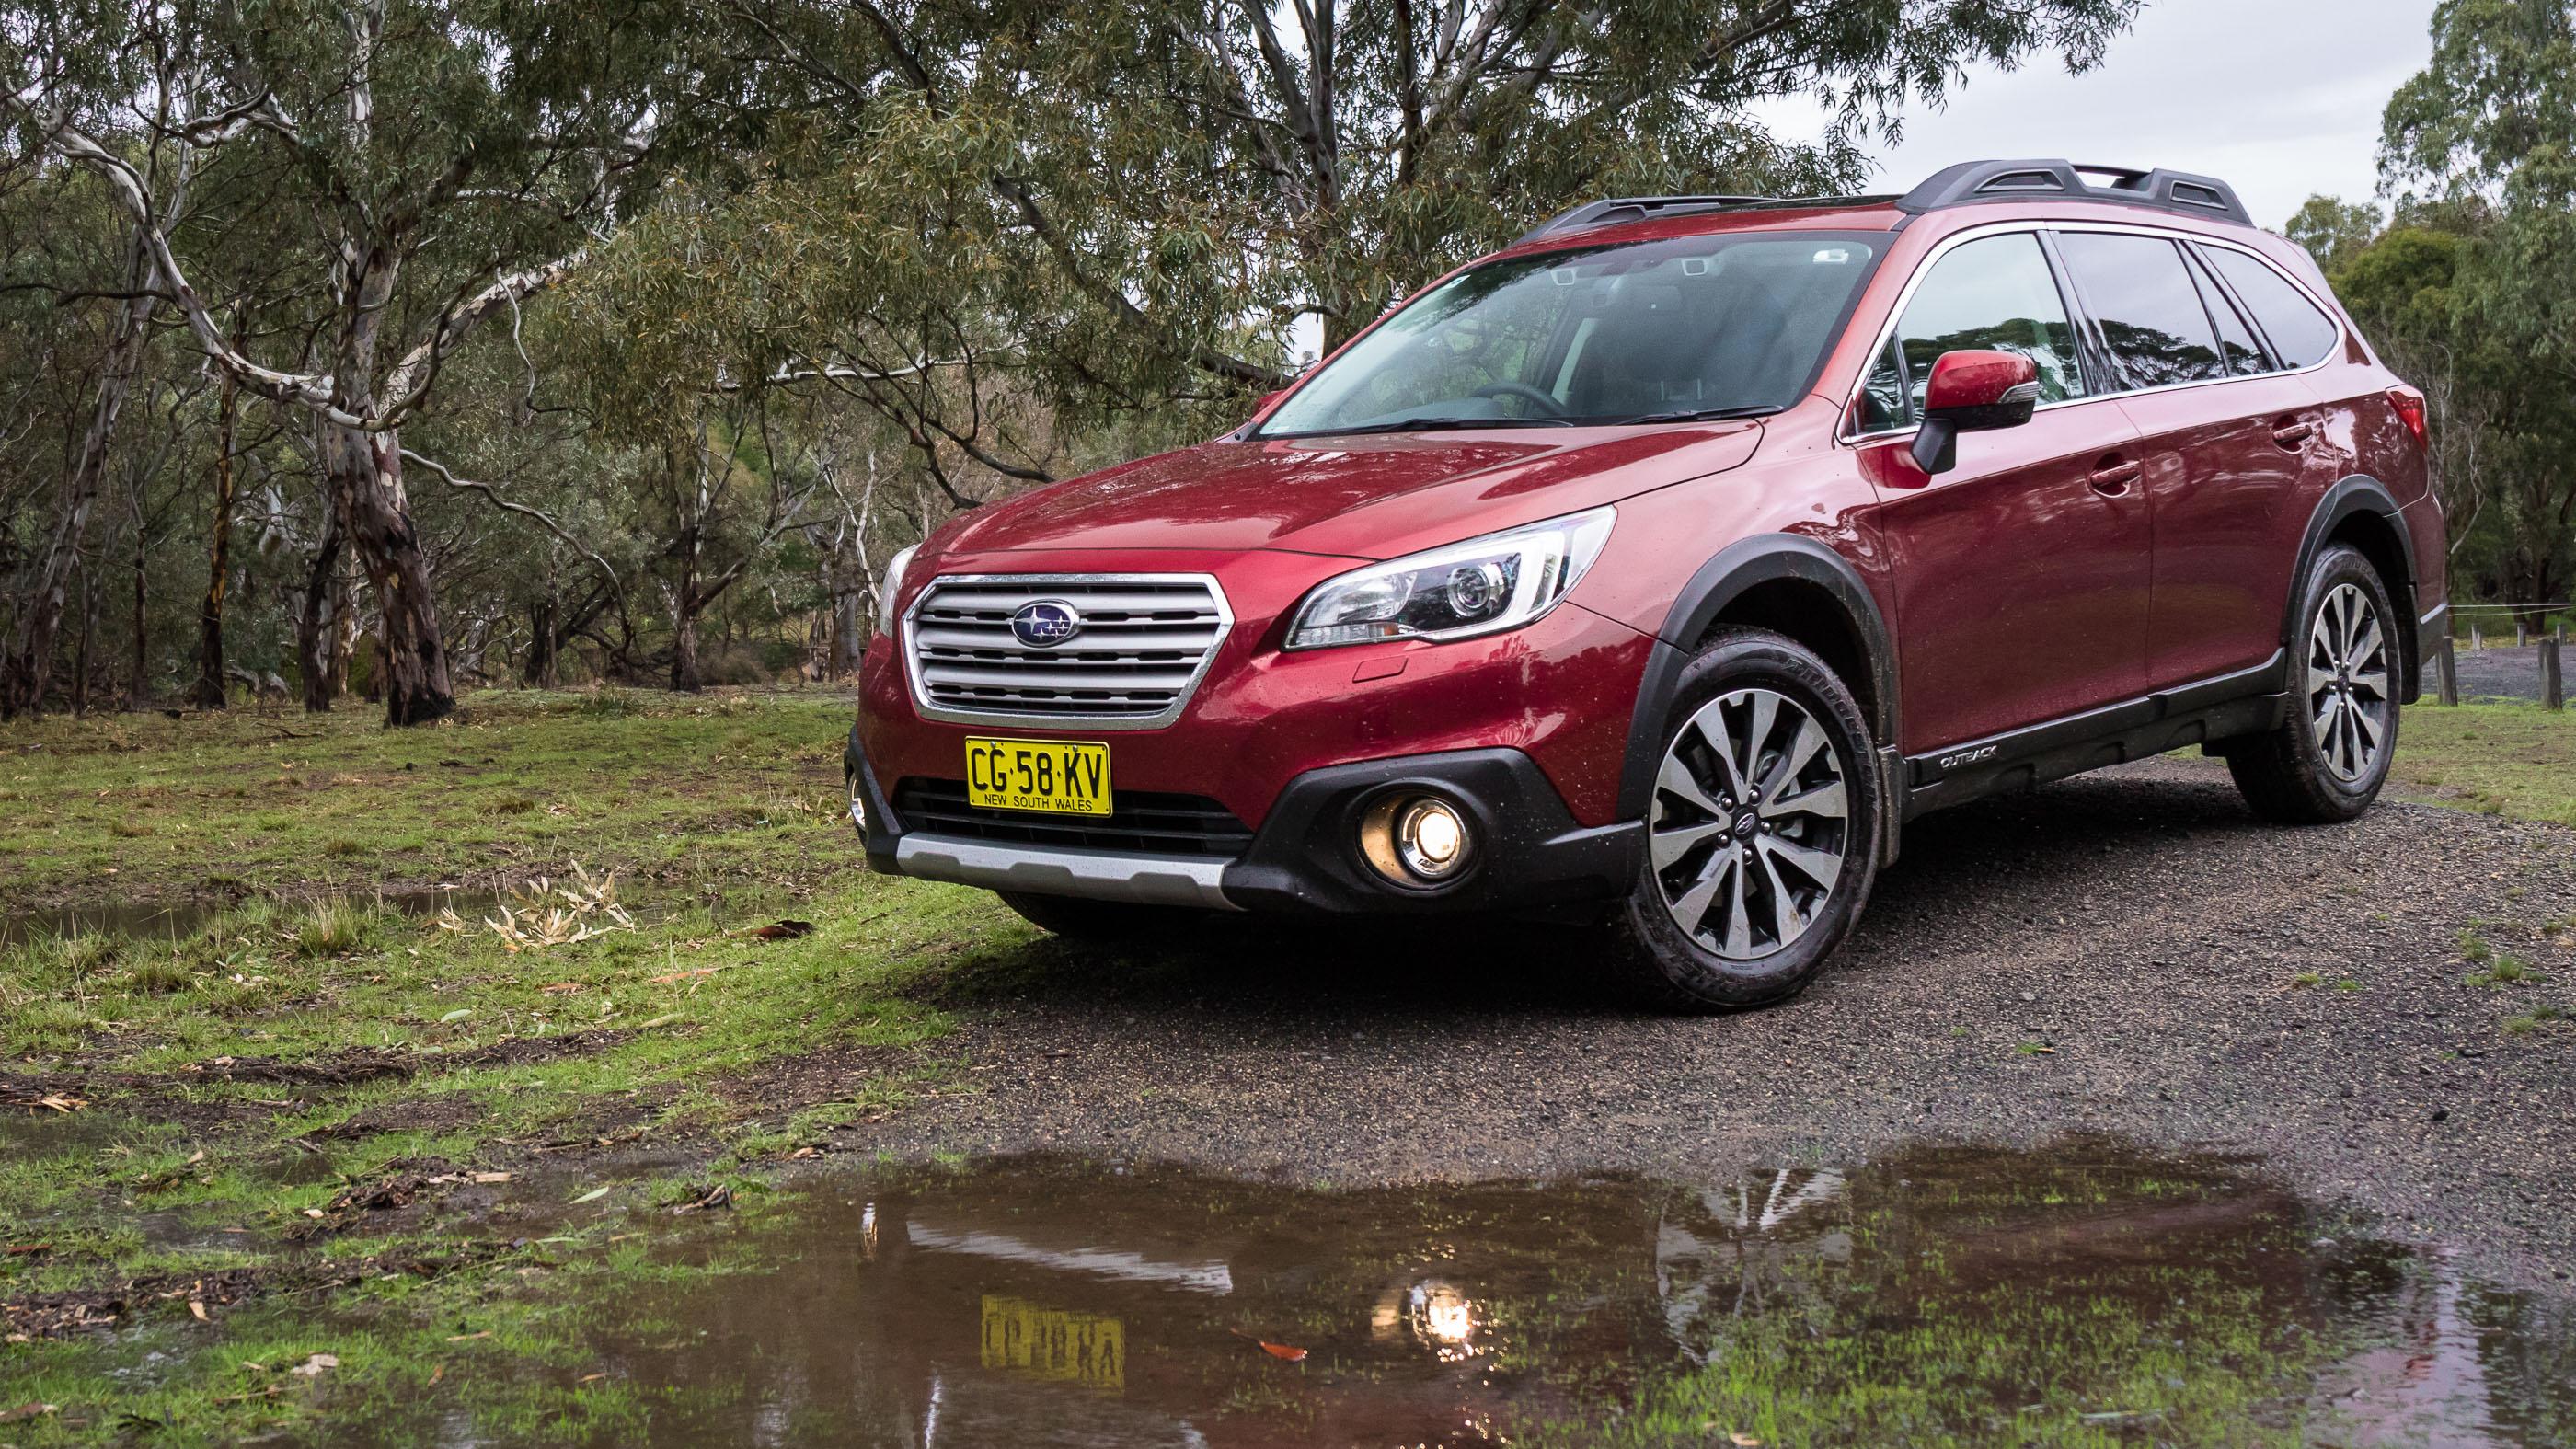 2016 Subaru Outback 2.0D Premium Review - photos | CarAdvice